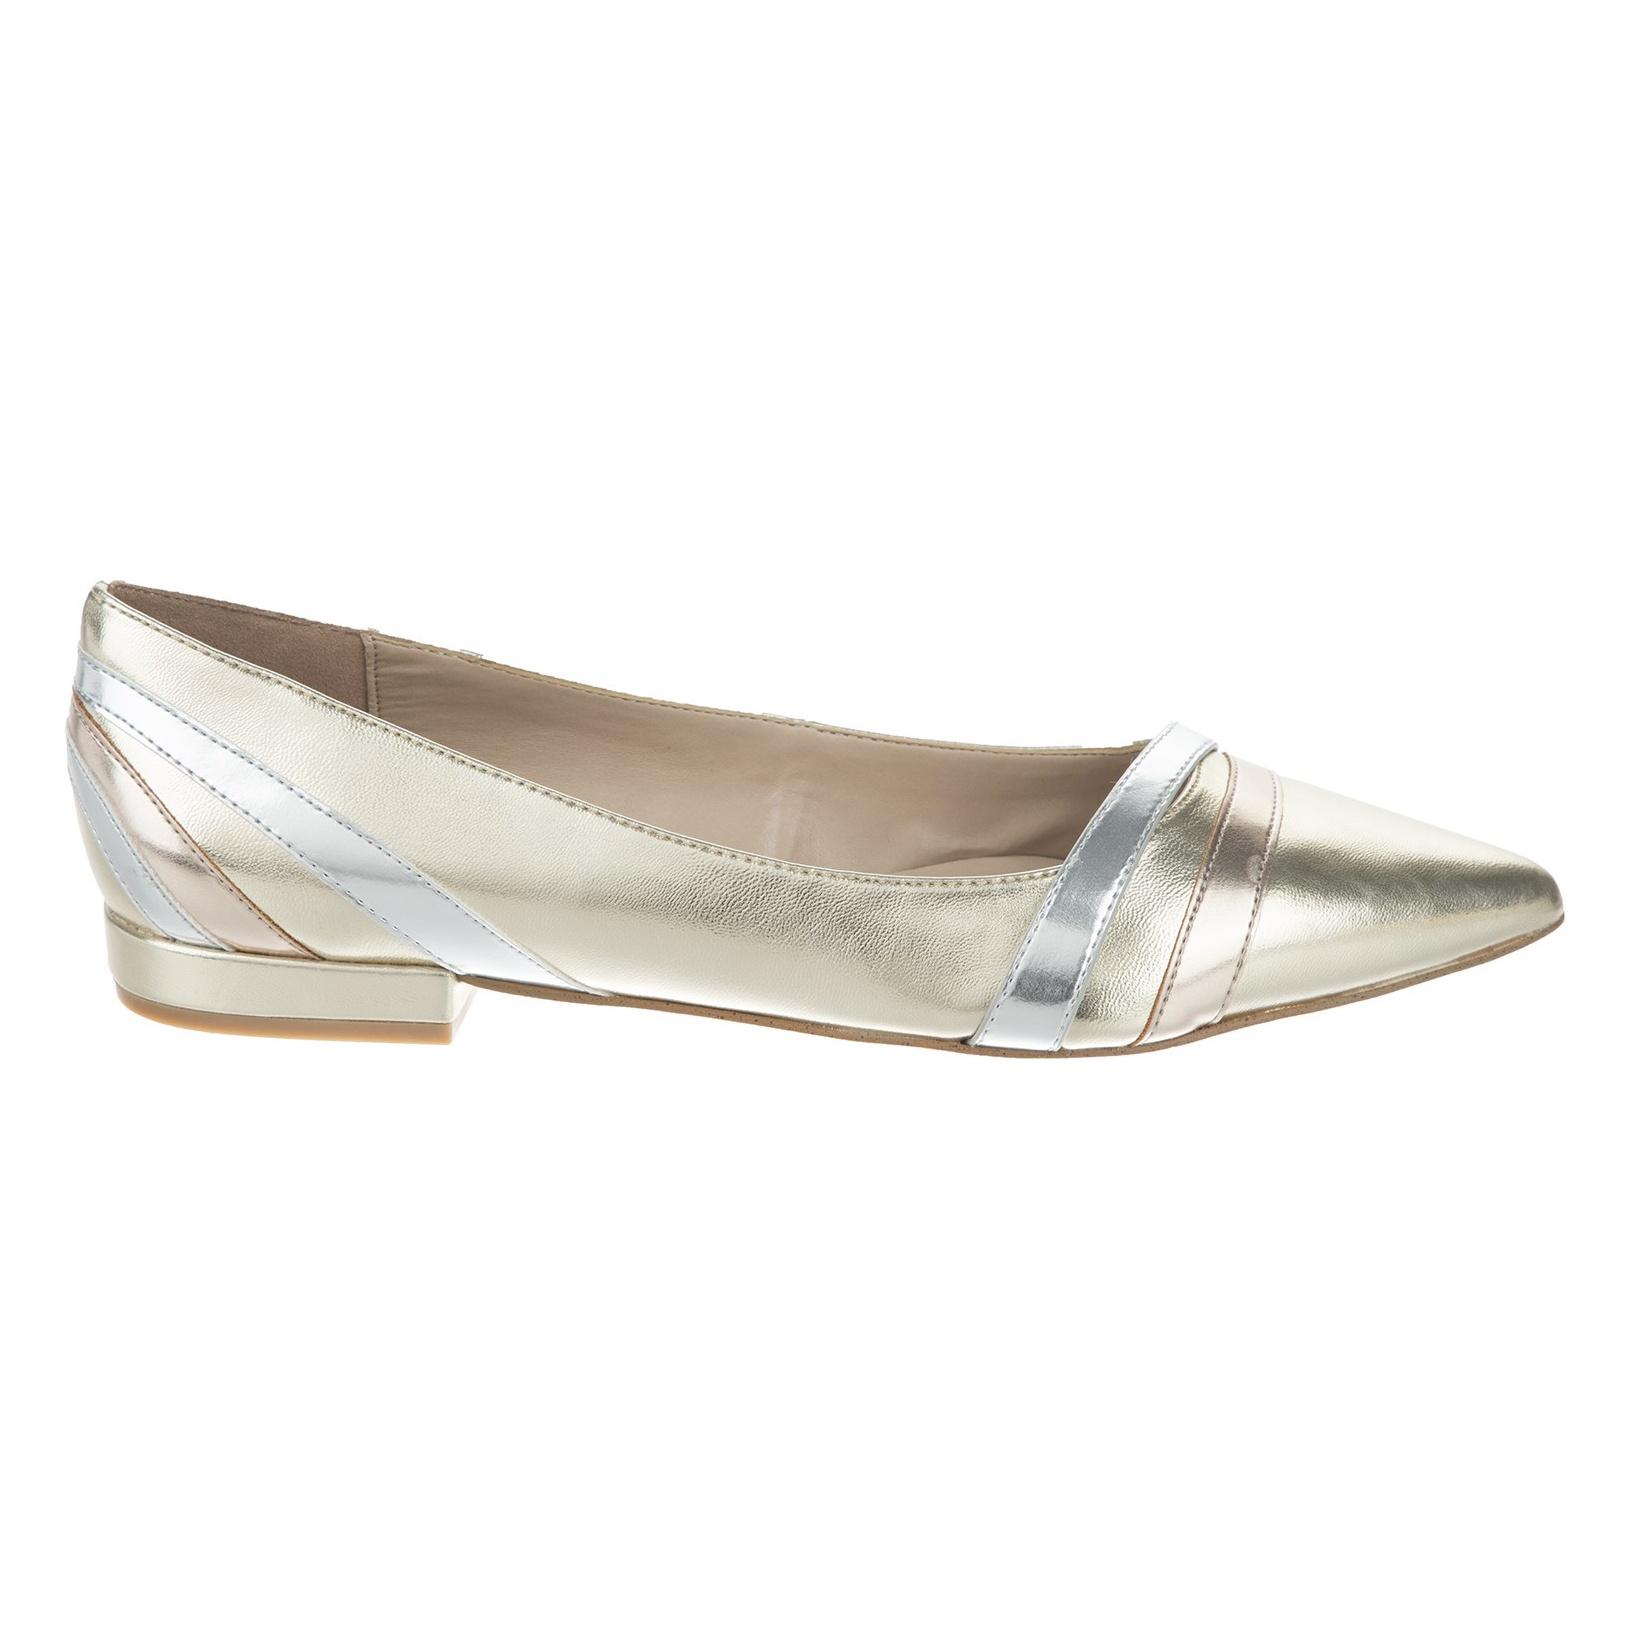 کفش تخت زنانه Leclya - آلدو - طلايي - 1